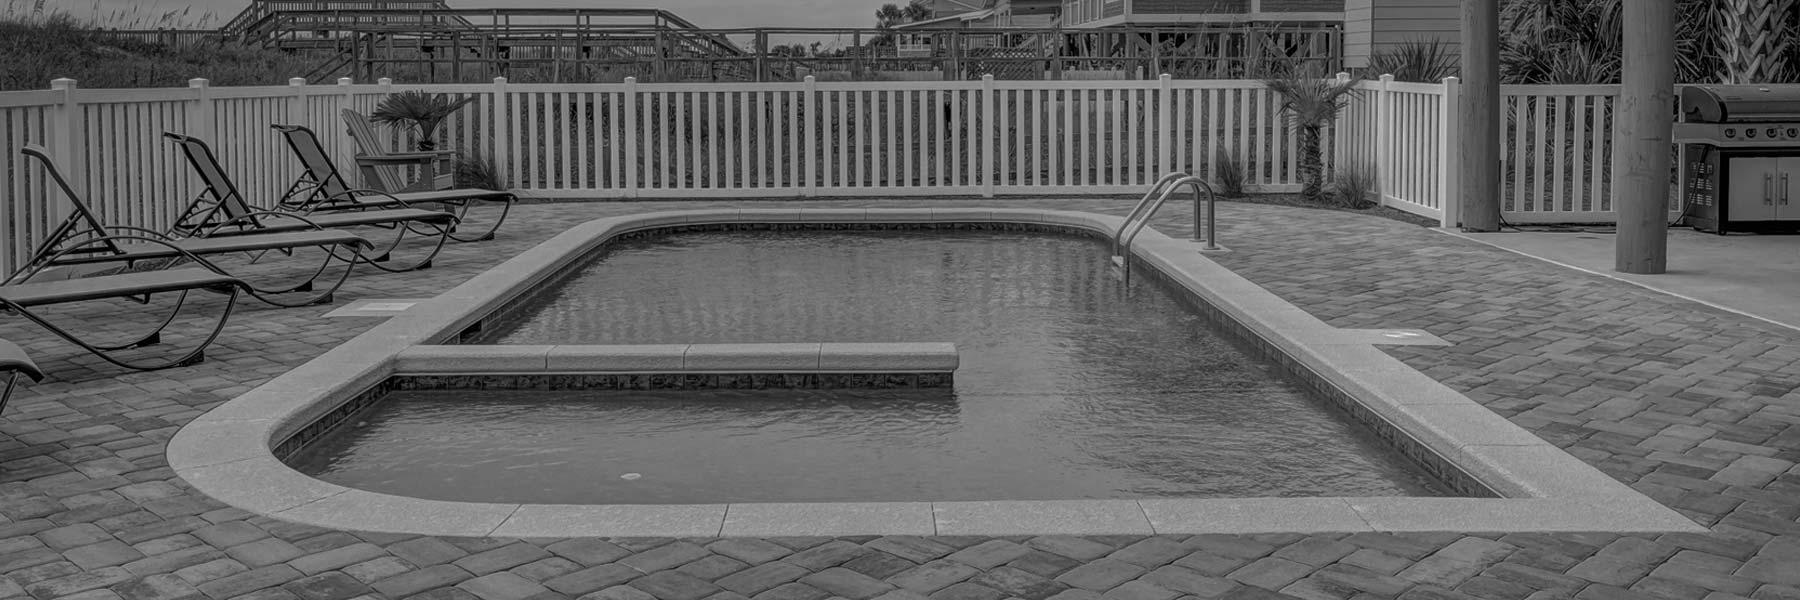 Cu nto cuesta hacer una piscina de obra cratos for Que cuesta hacer una piscina